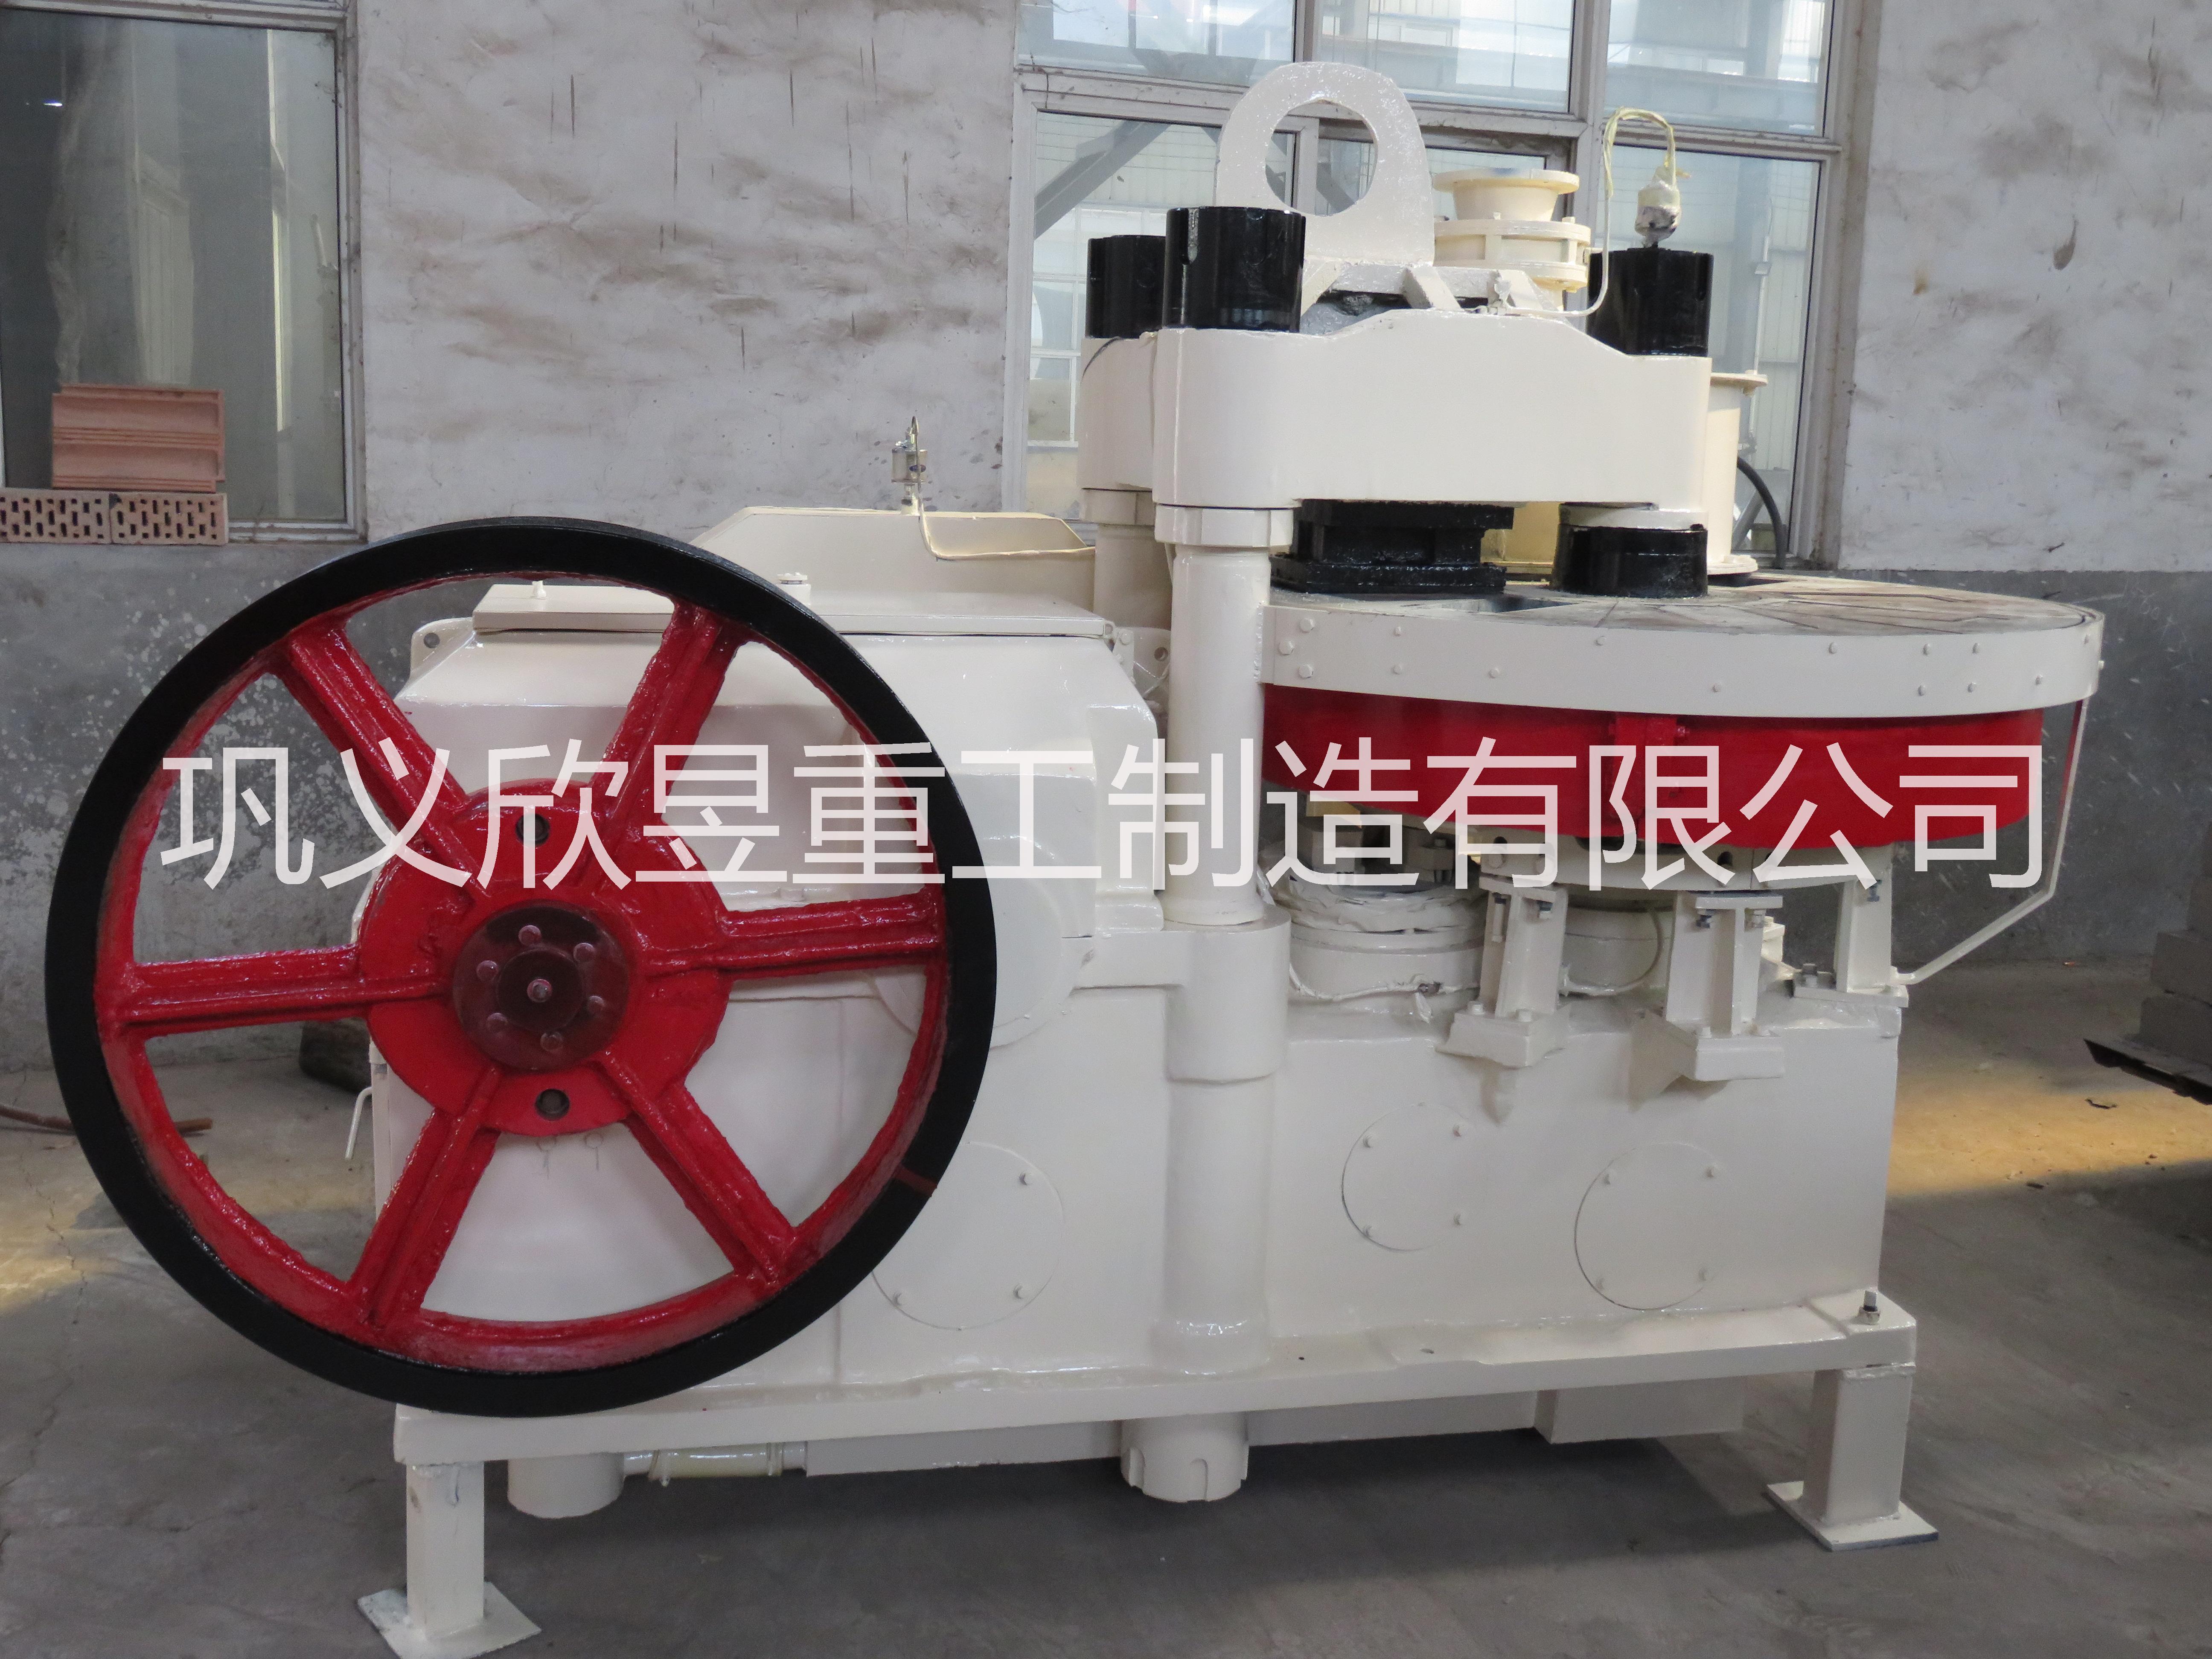 八孔盘转式压砖机 标准压砖机设备销售